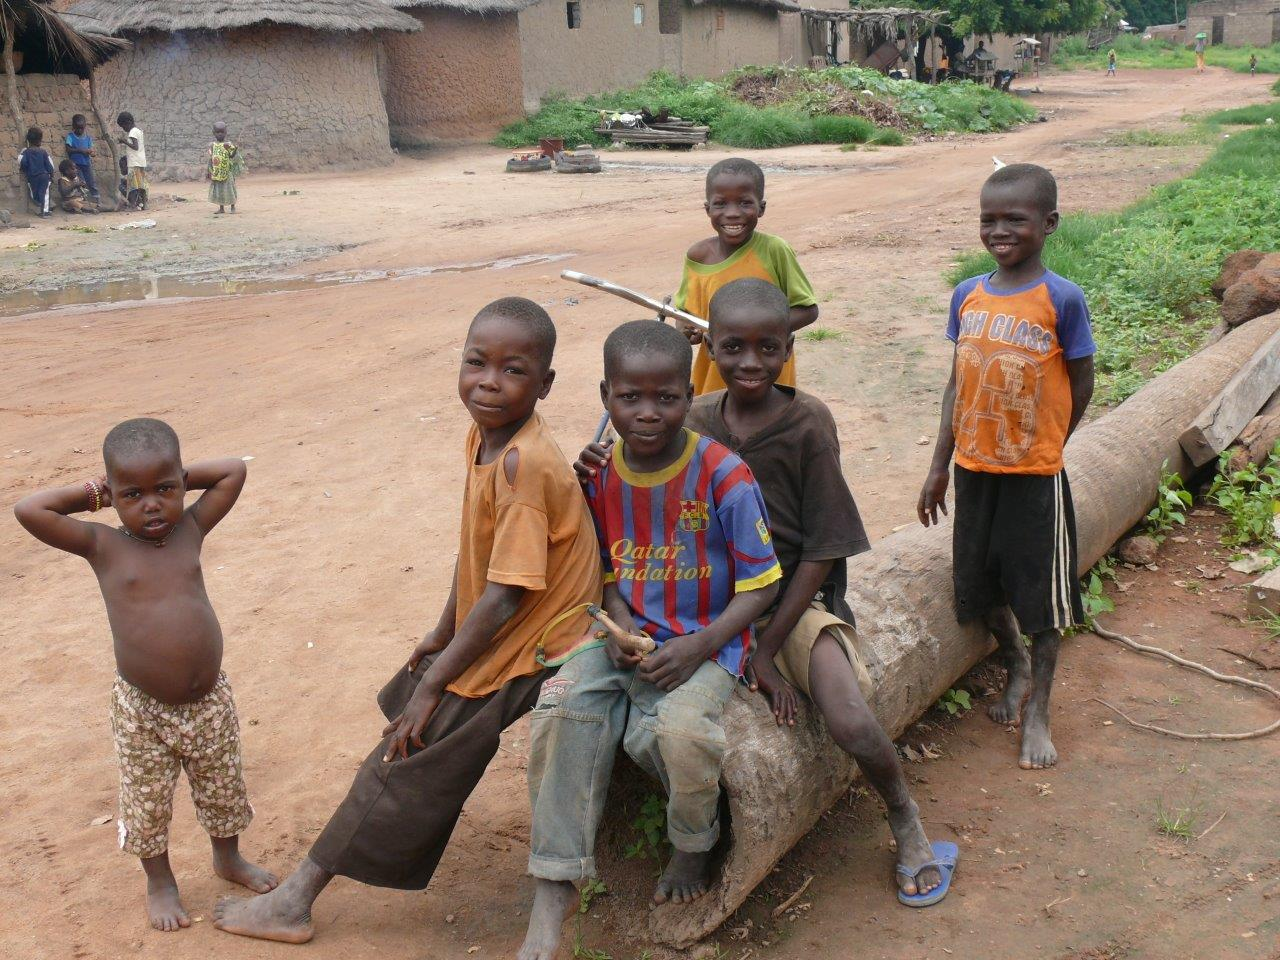 Mali_ADAC_Foto_Claudia_Berker_Mali_ADAC_Foto_Claudia_Berker_P1120634.jpg